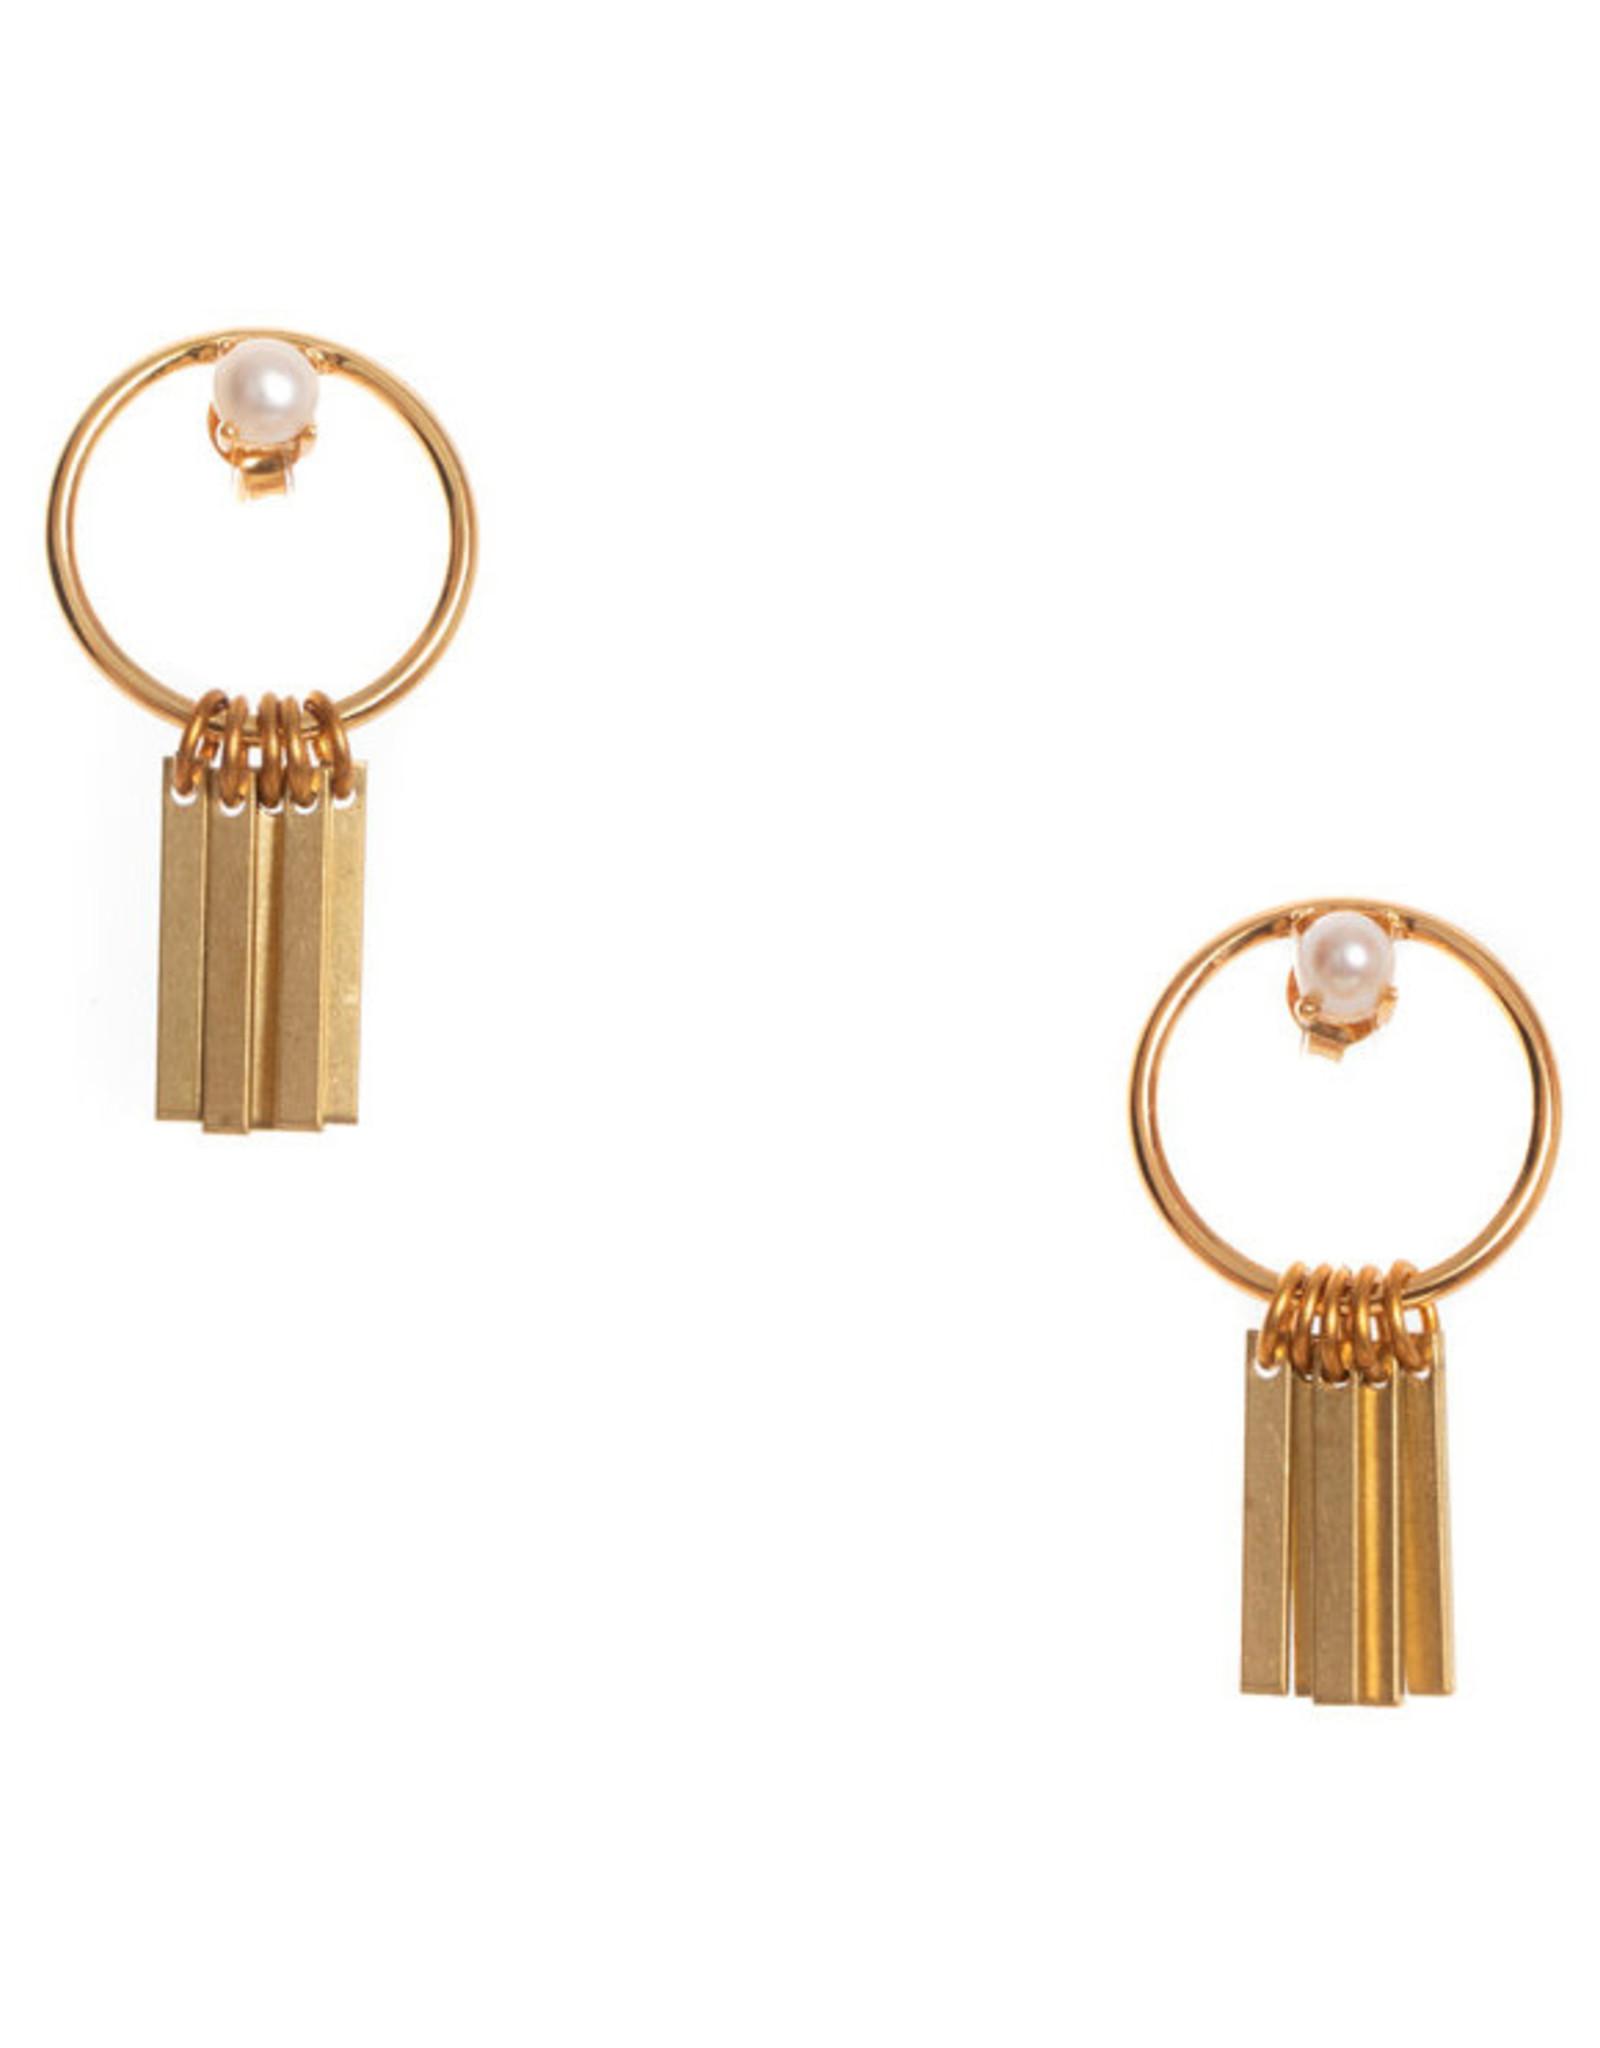 Hailey Gerrits Designs Arbutus Earrings - Pearl